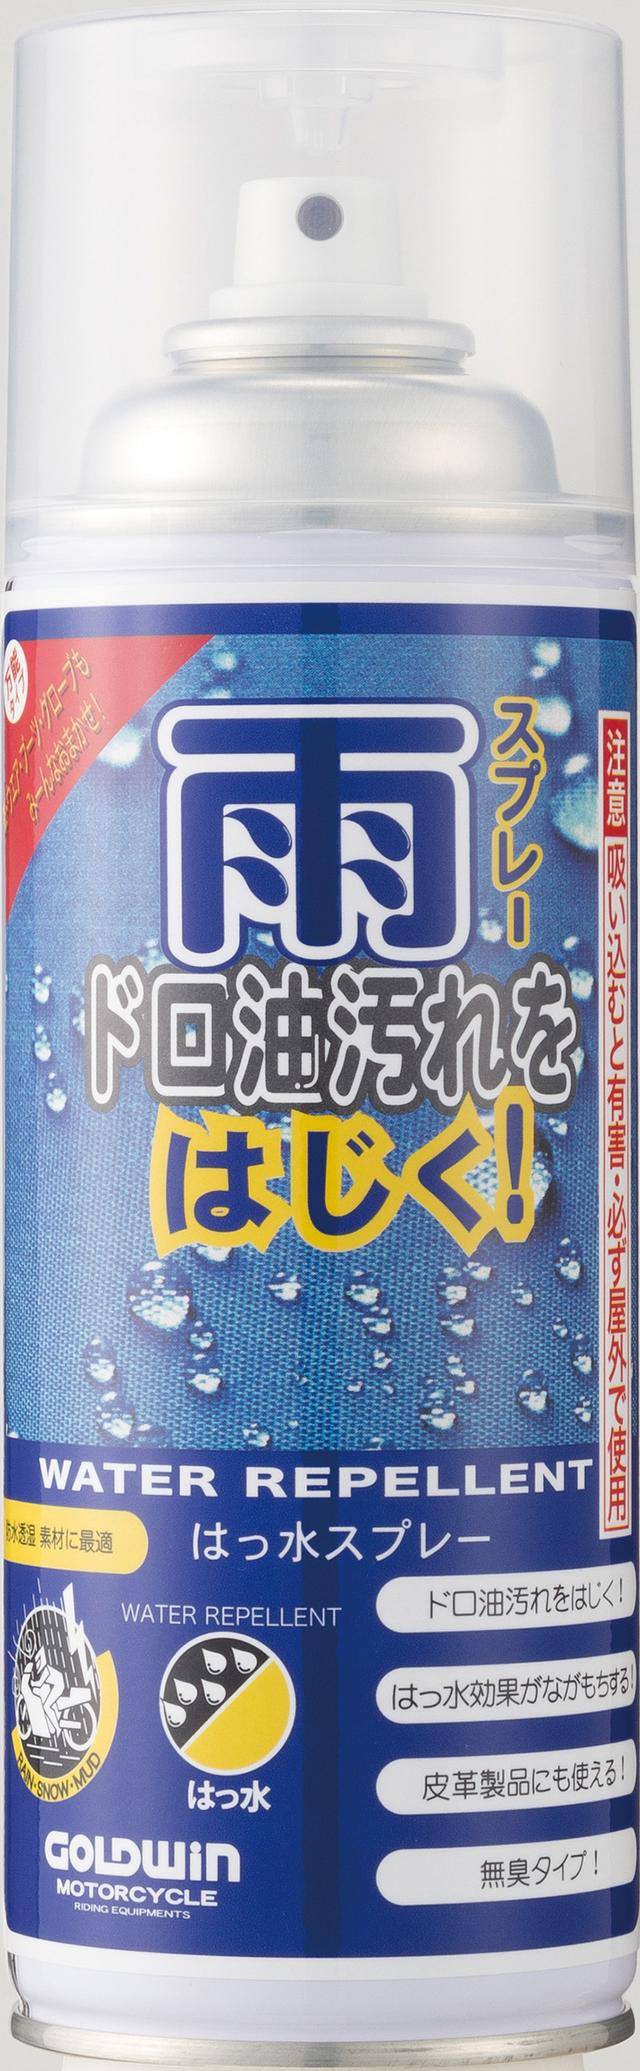 画像: 布用はっ水スプレー 価格:1944 円